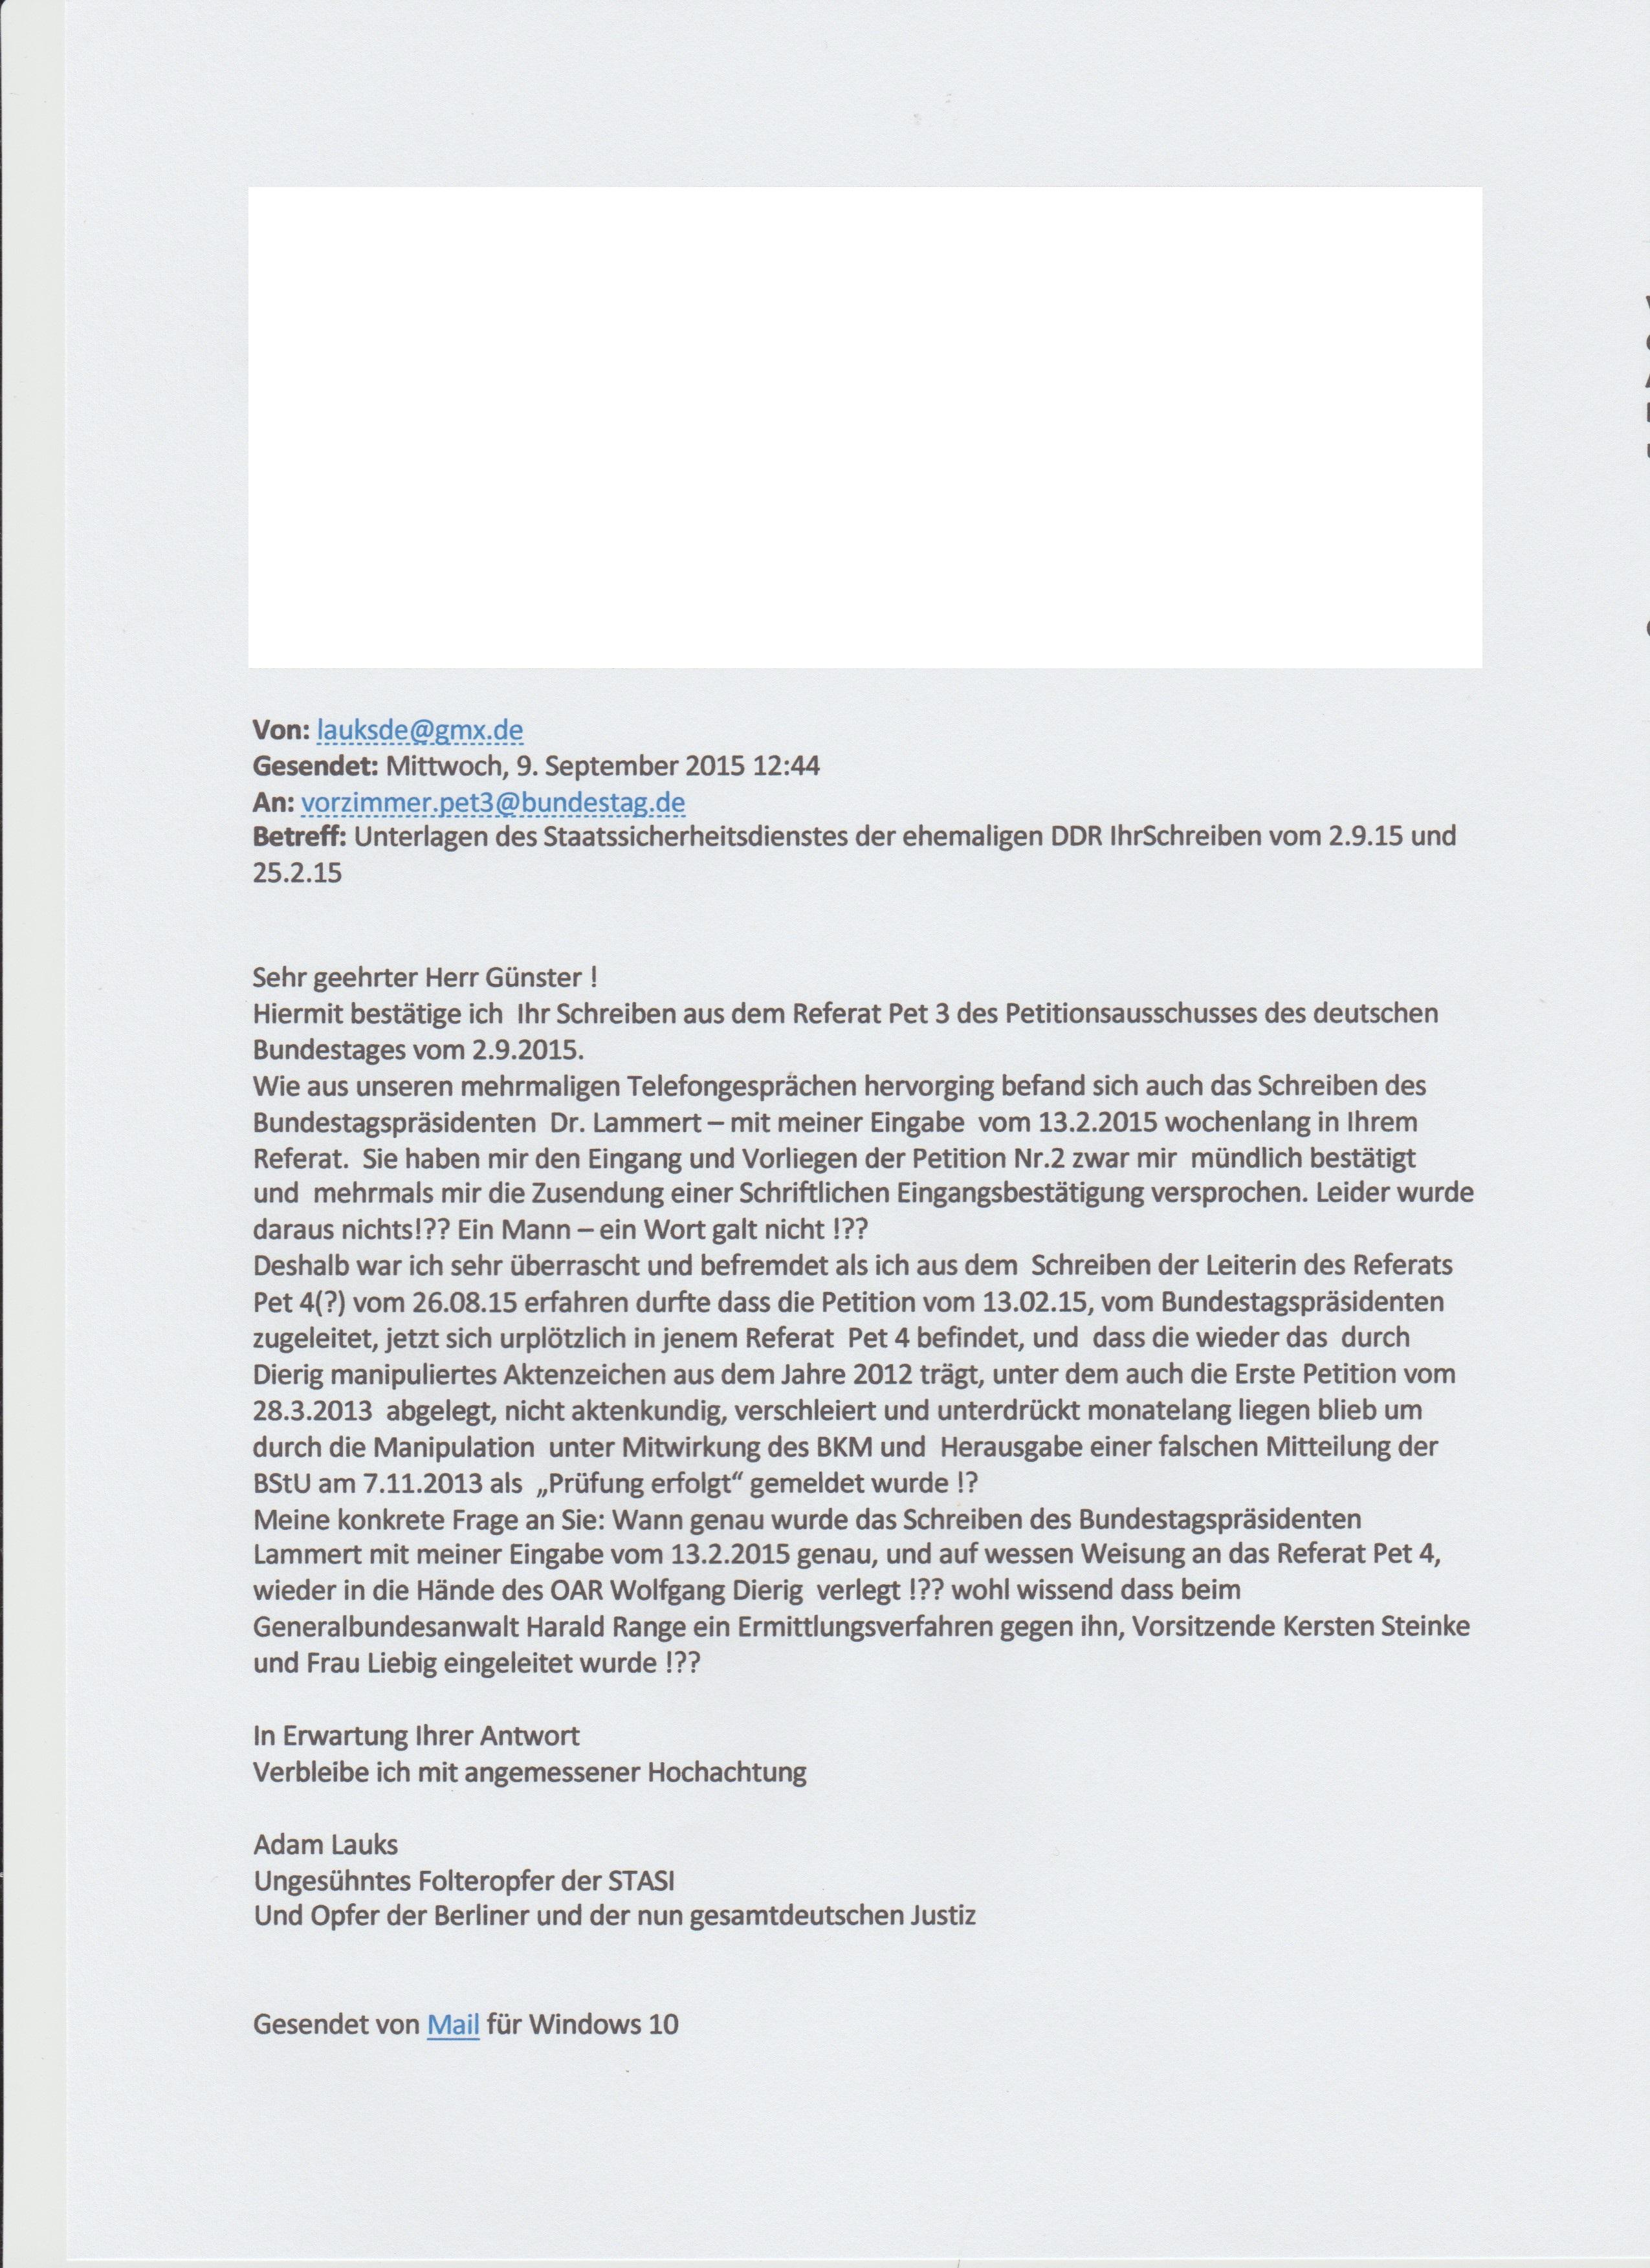 Wie aus unseren mehrmaligen Telefongesprächen hervorging befand sich auch  das Schreiben des Bundestagspräsidenten Dr. Lammert